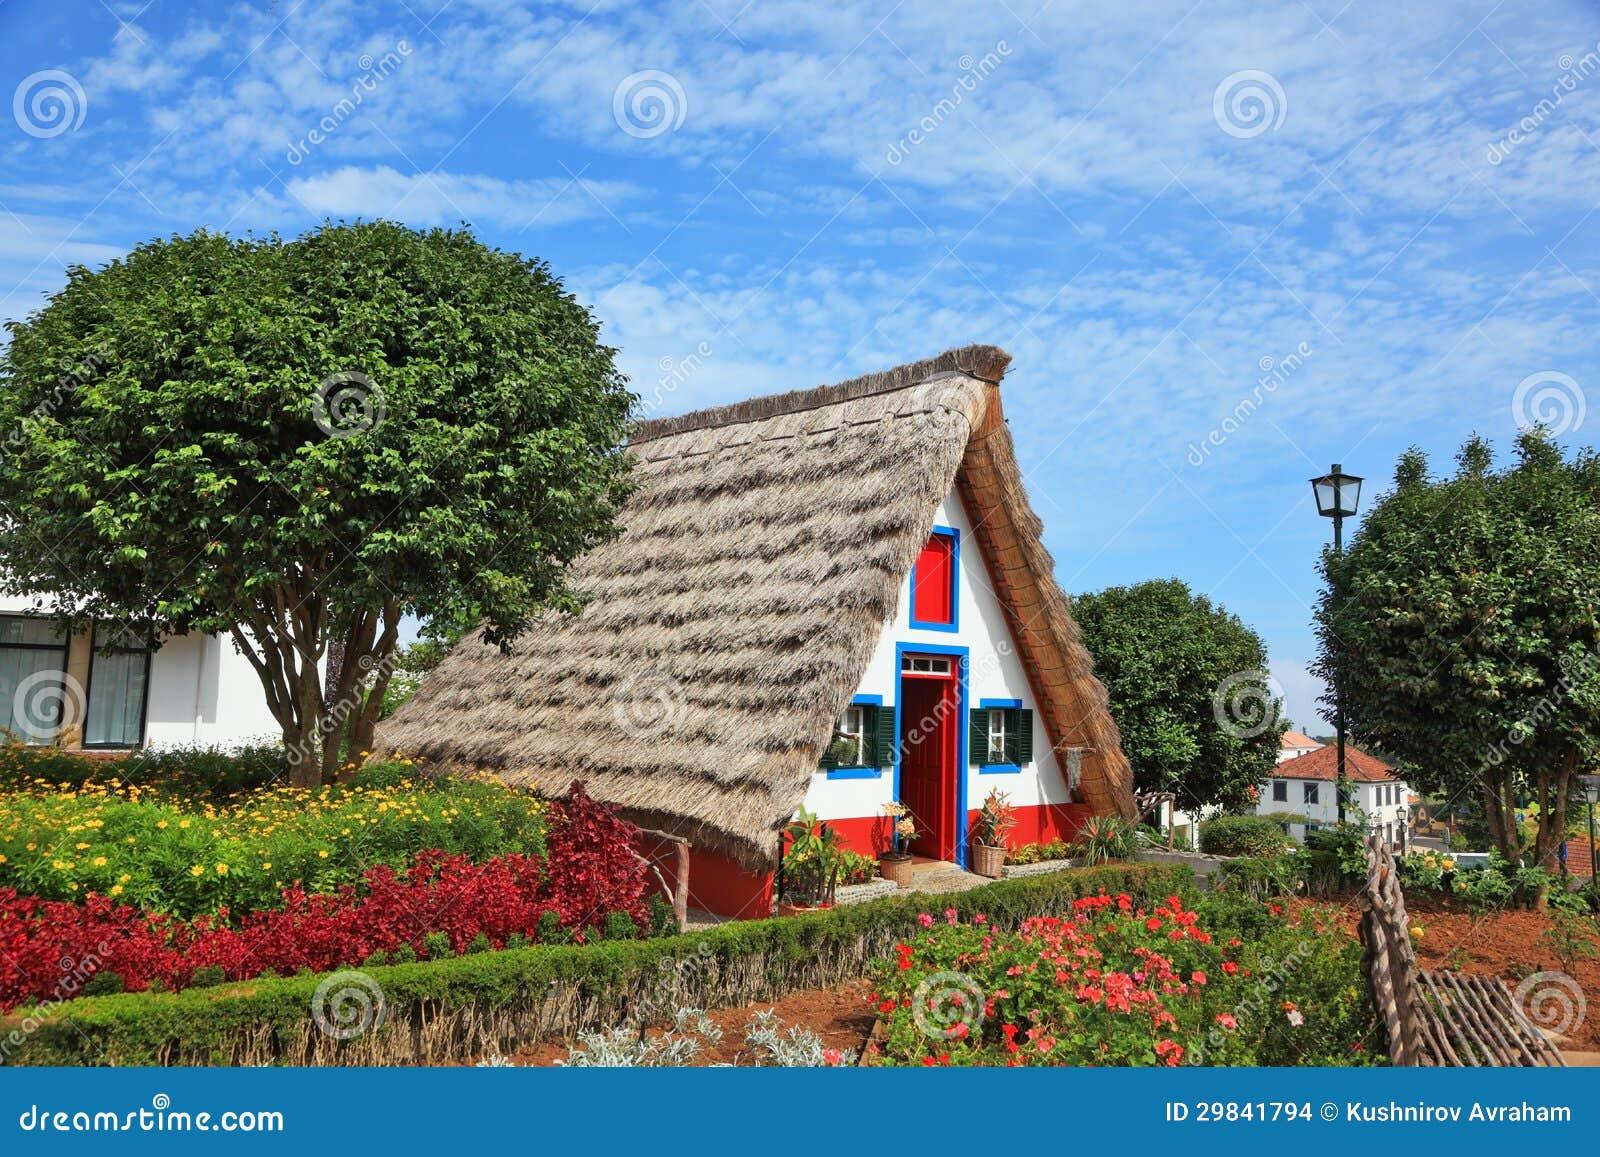 le petit jardin de cottage et de pignon avec des fleurs images stock image 29841794. Black Bedroom Furniture Sets. Home Design Ideas